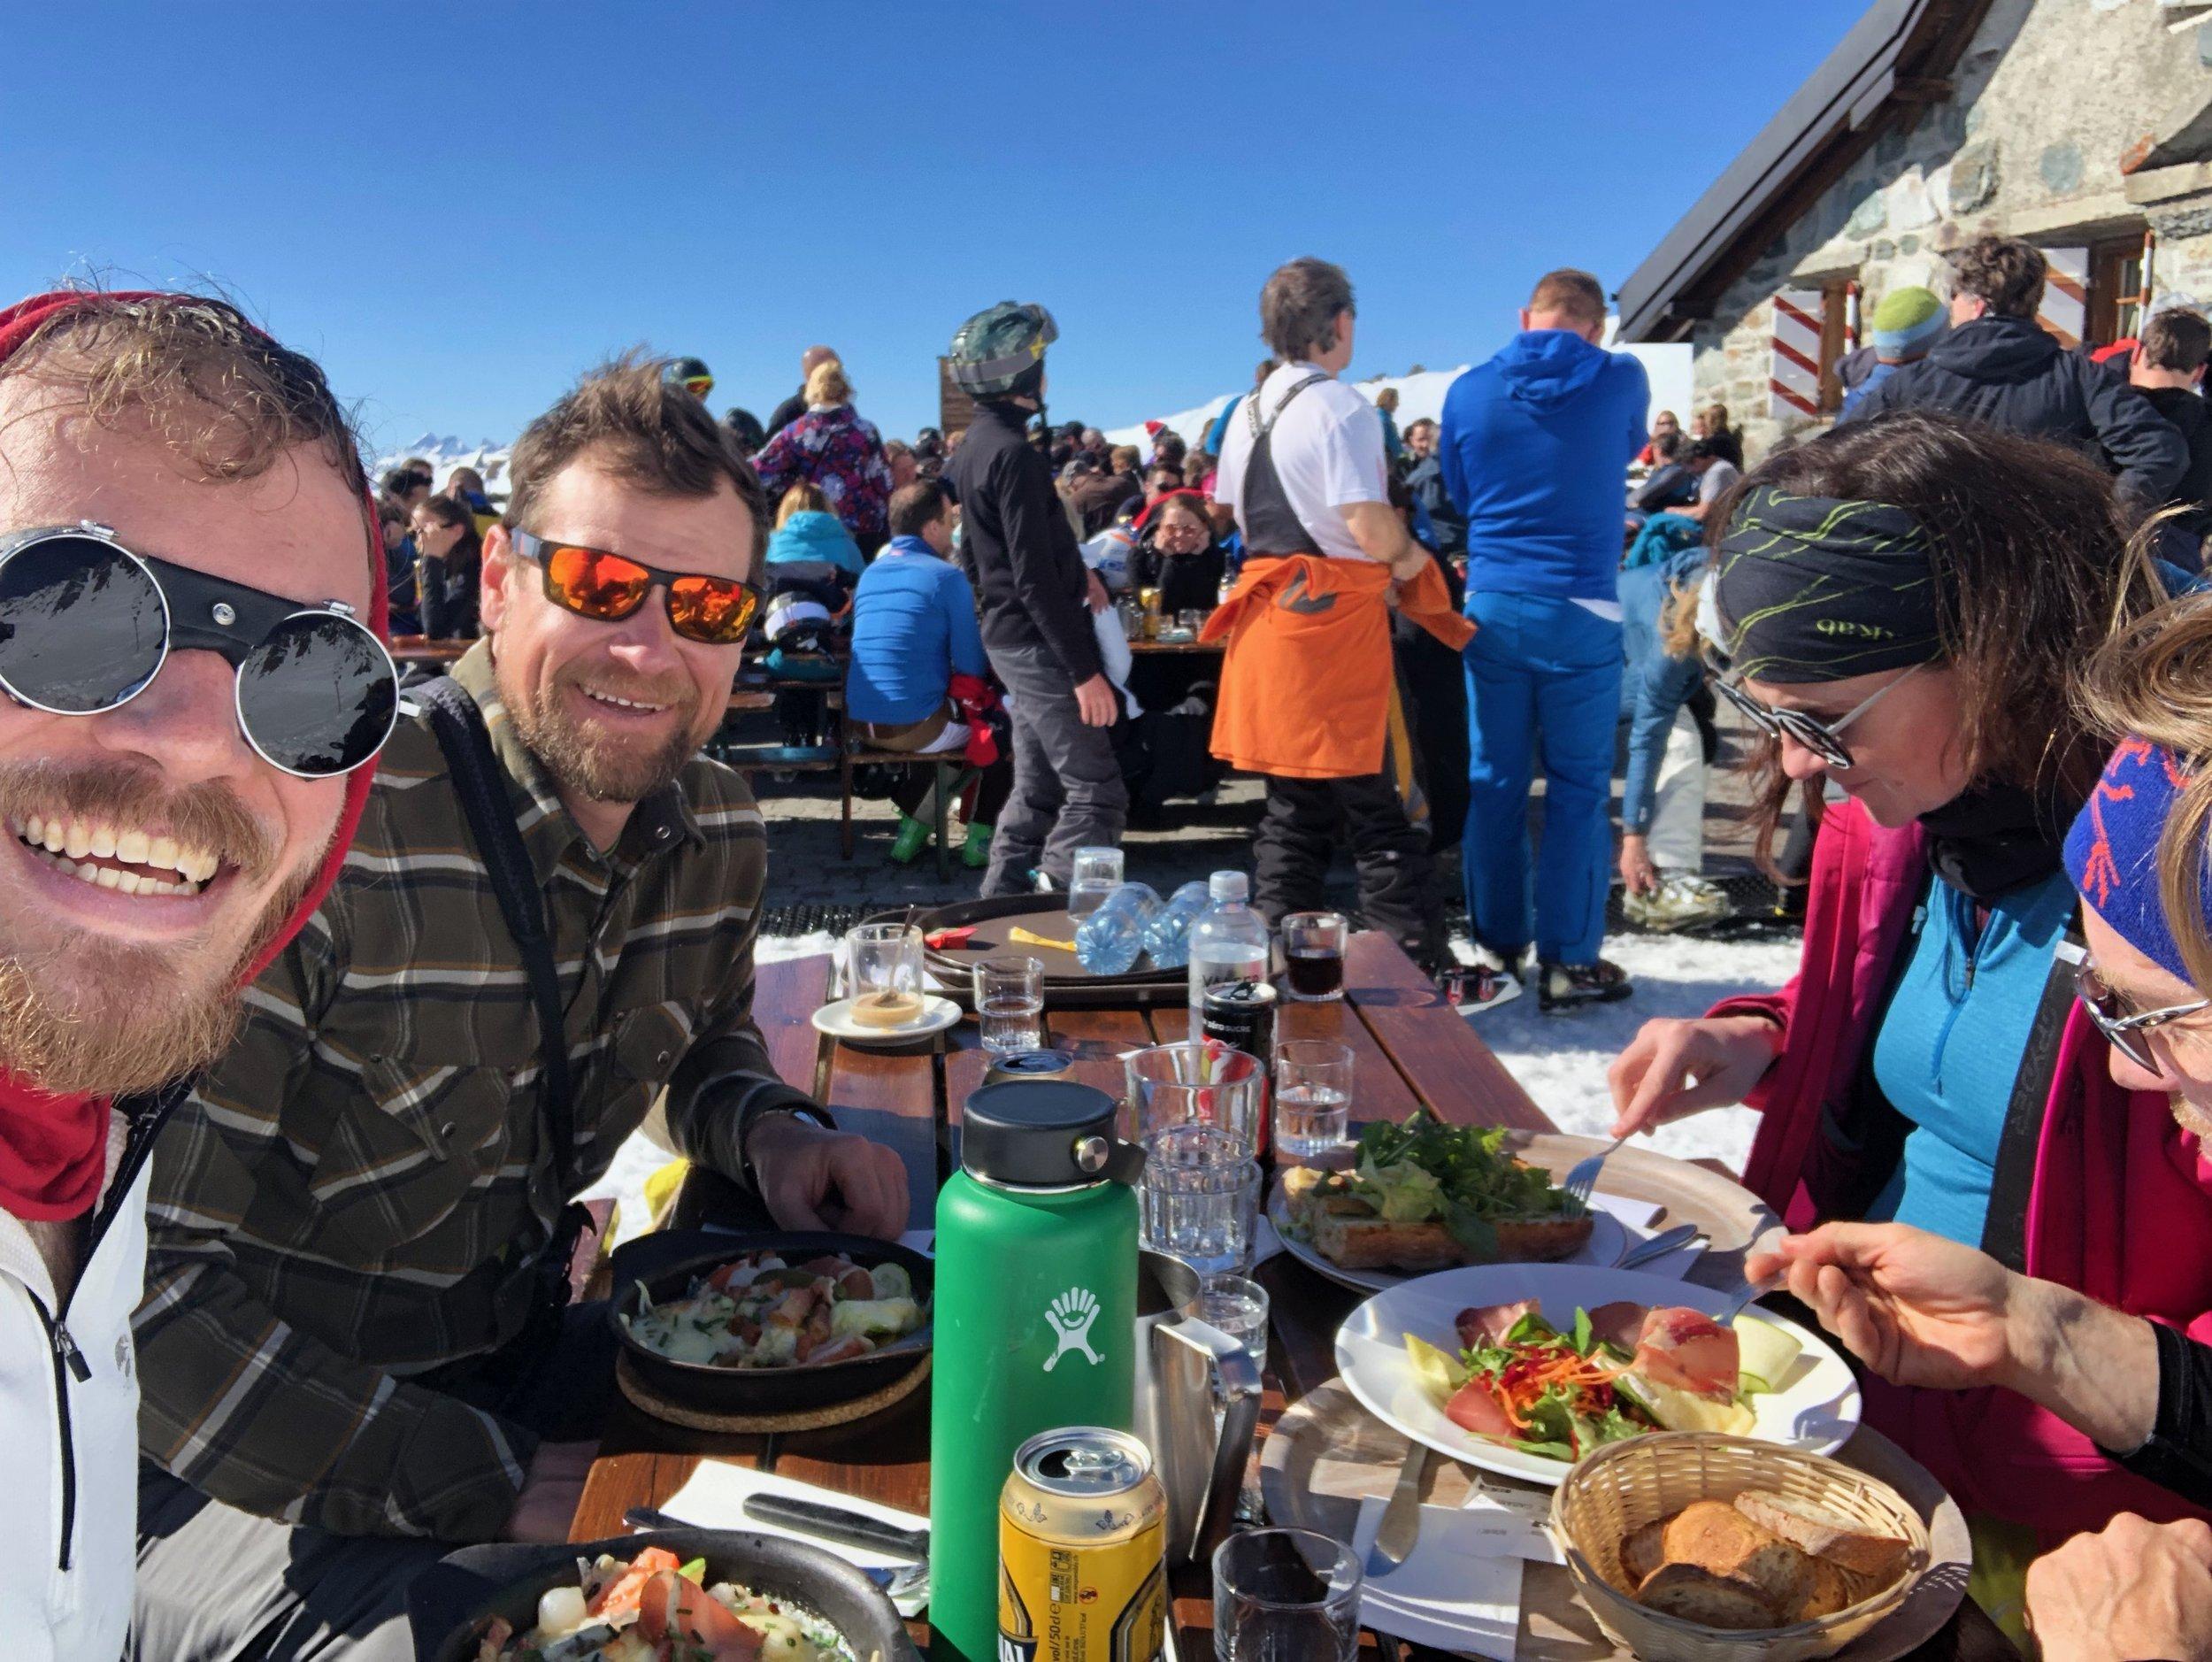 Not your Pennsylvania ski mountain fare